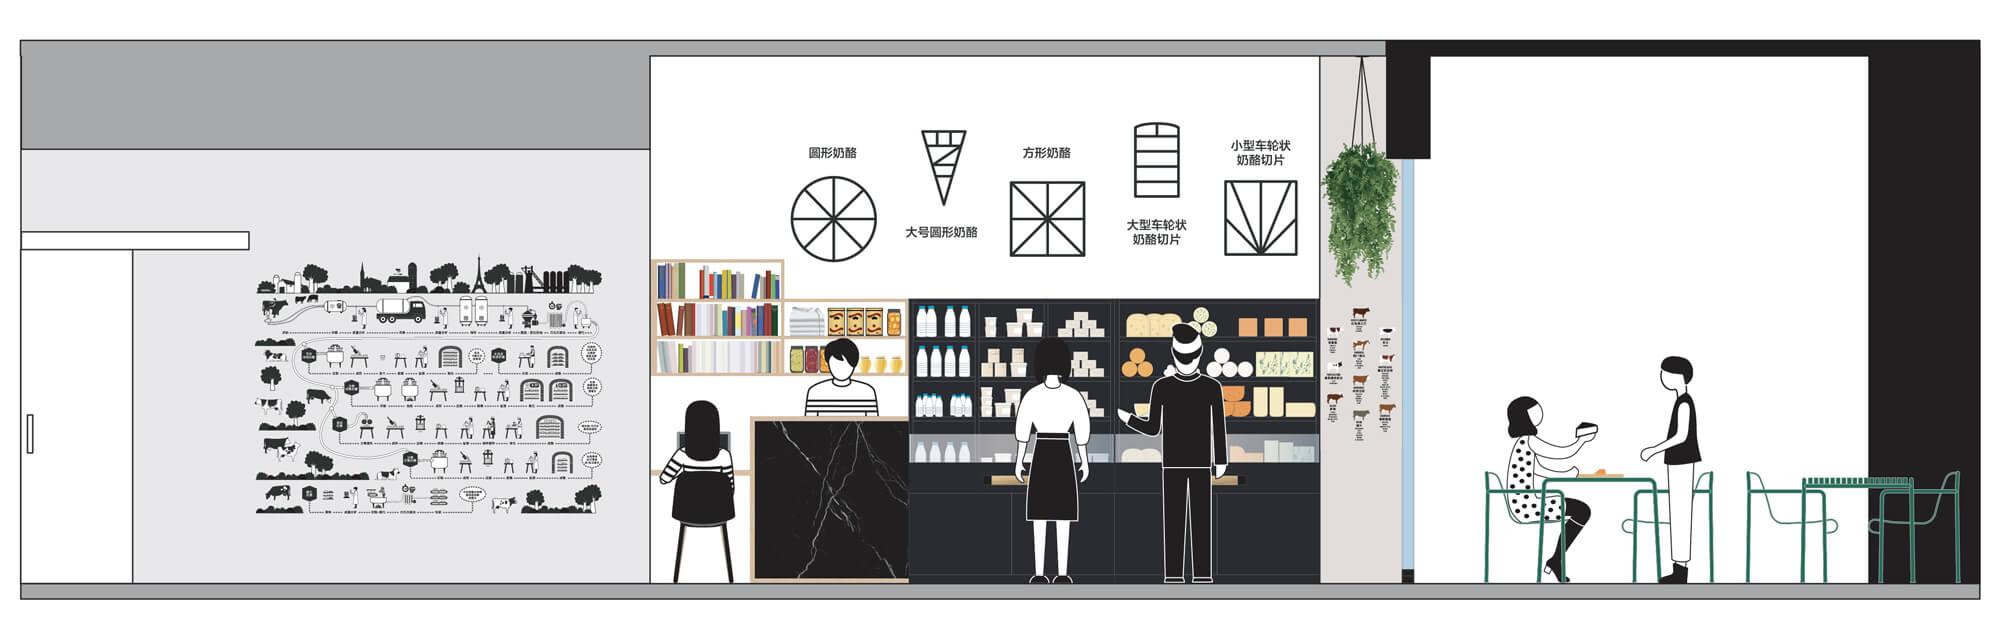 élévation de la boutique La crèmerie dessinée par Helena Ichbiah et son équipe